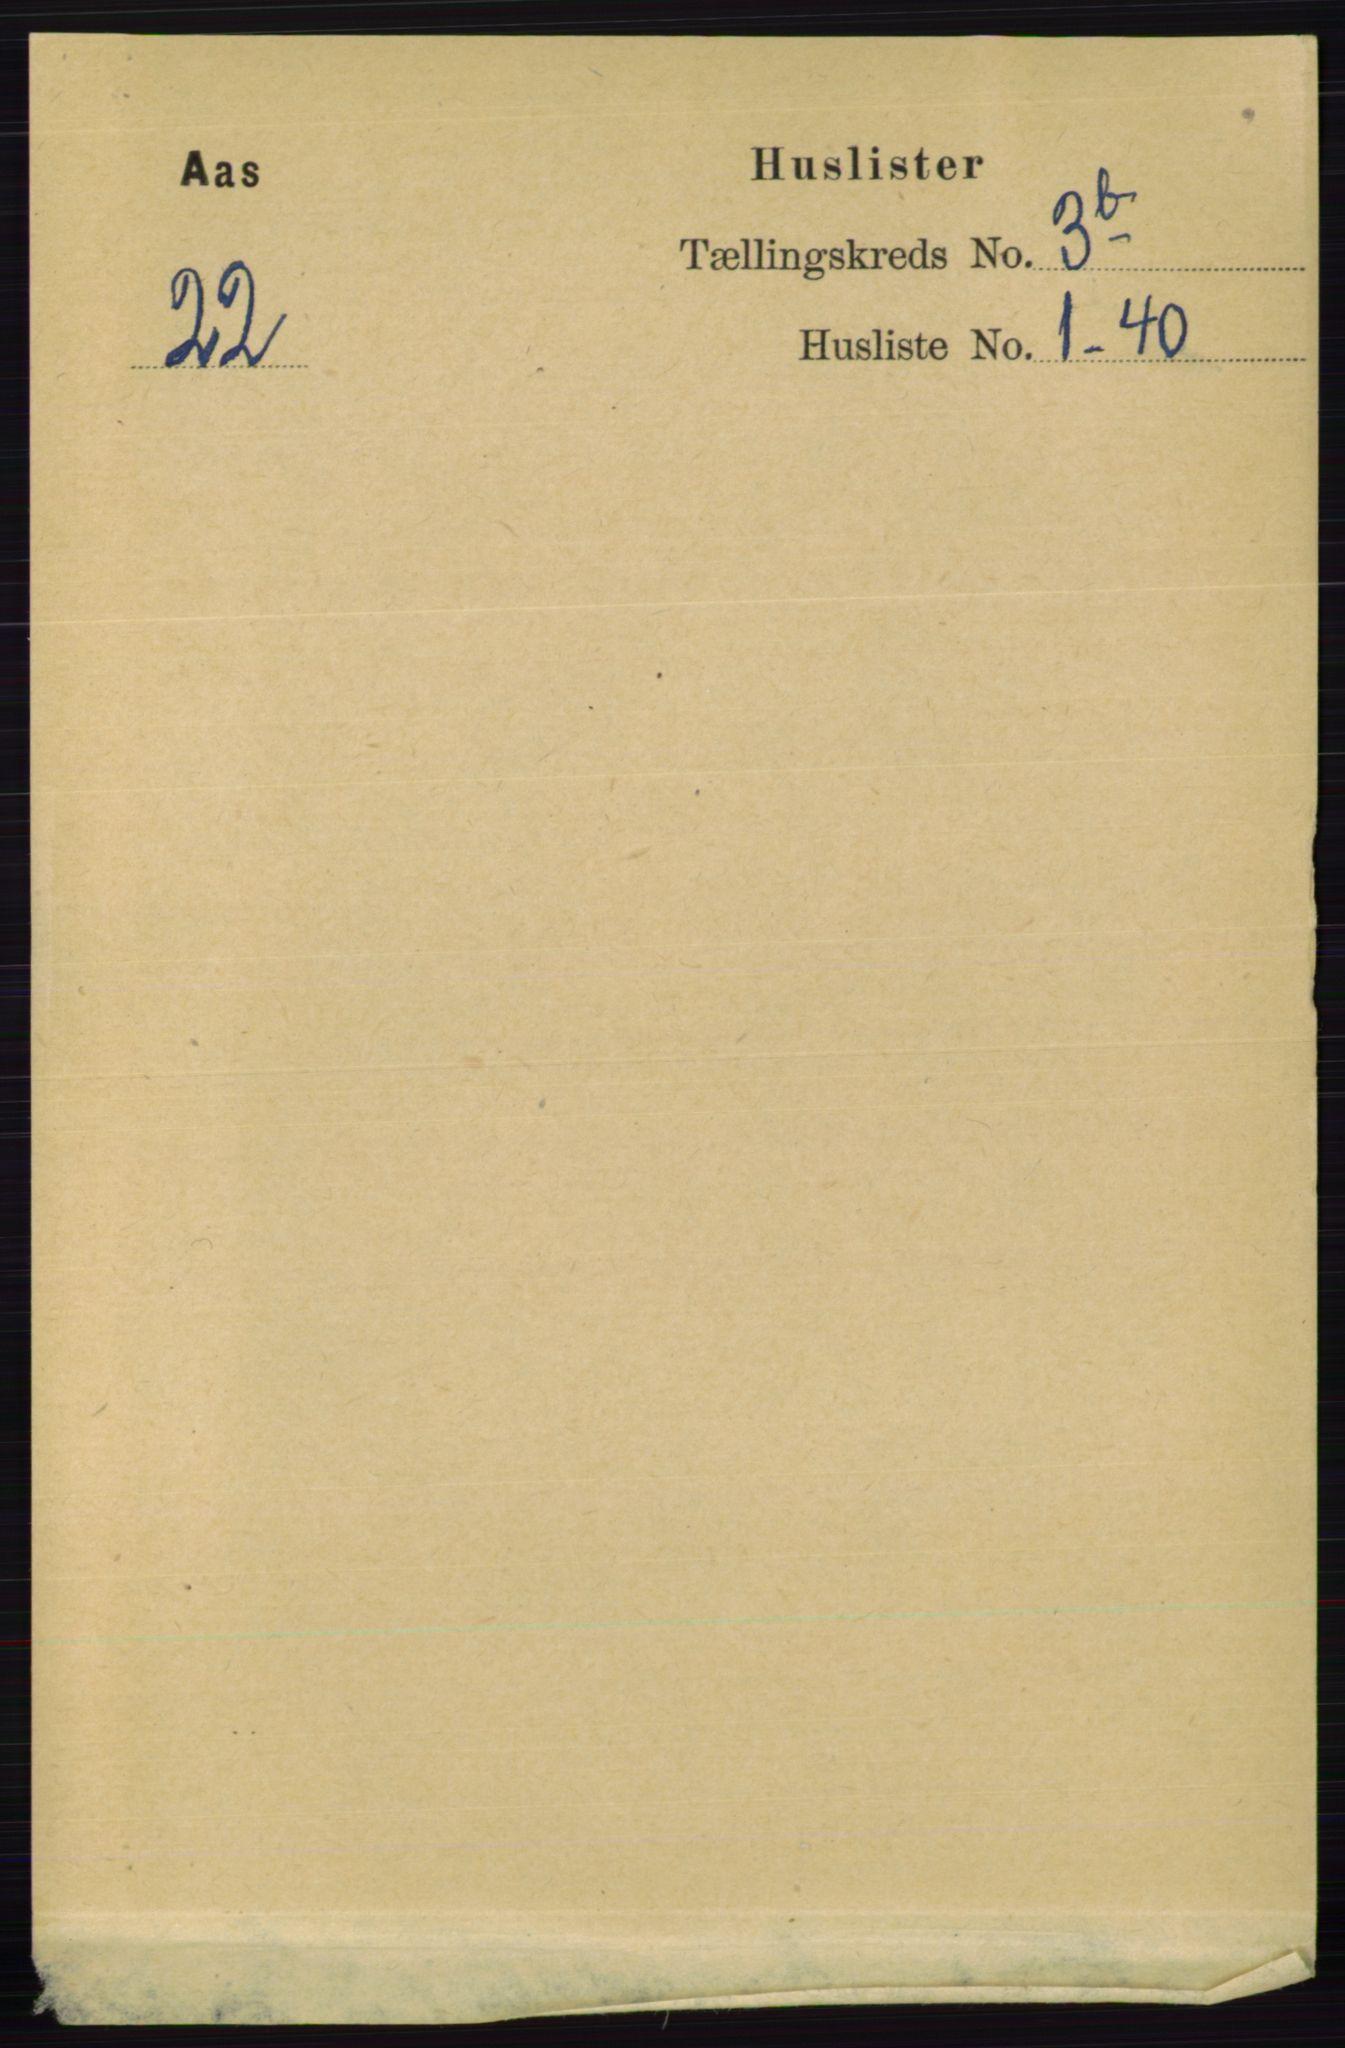 RA, Folketelling 1891 for 0214 Ås herred, 1891, s. 2684